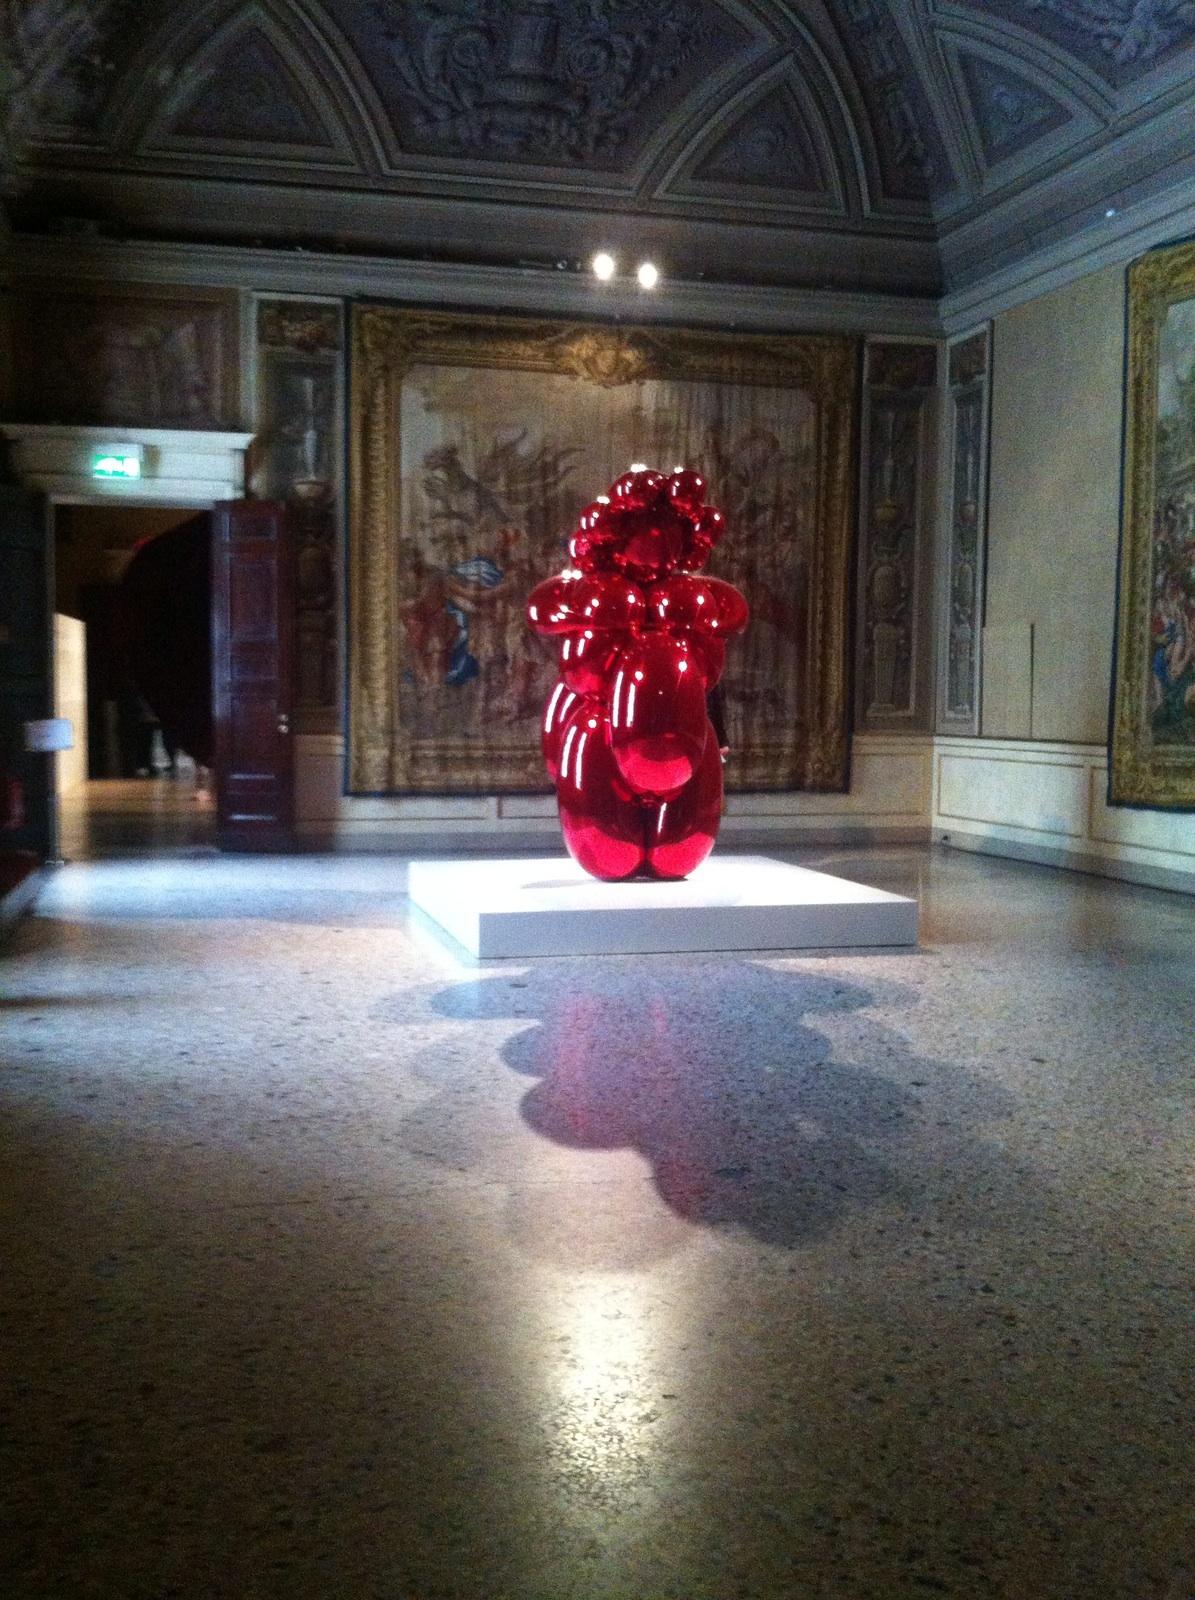 Palazzo_Reale_Milano_koons.JPG